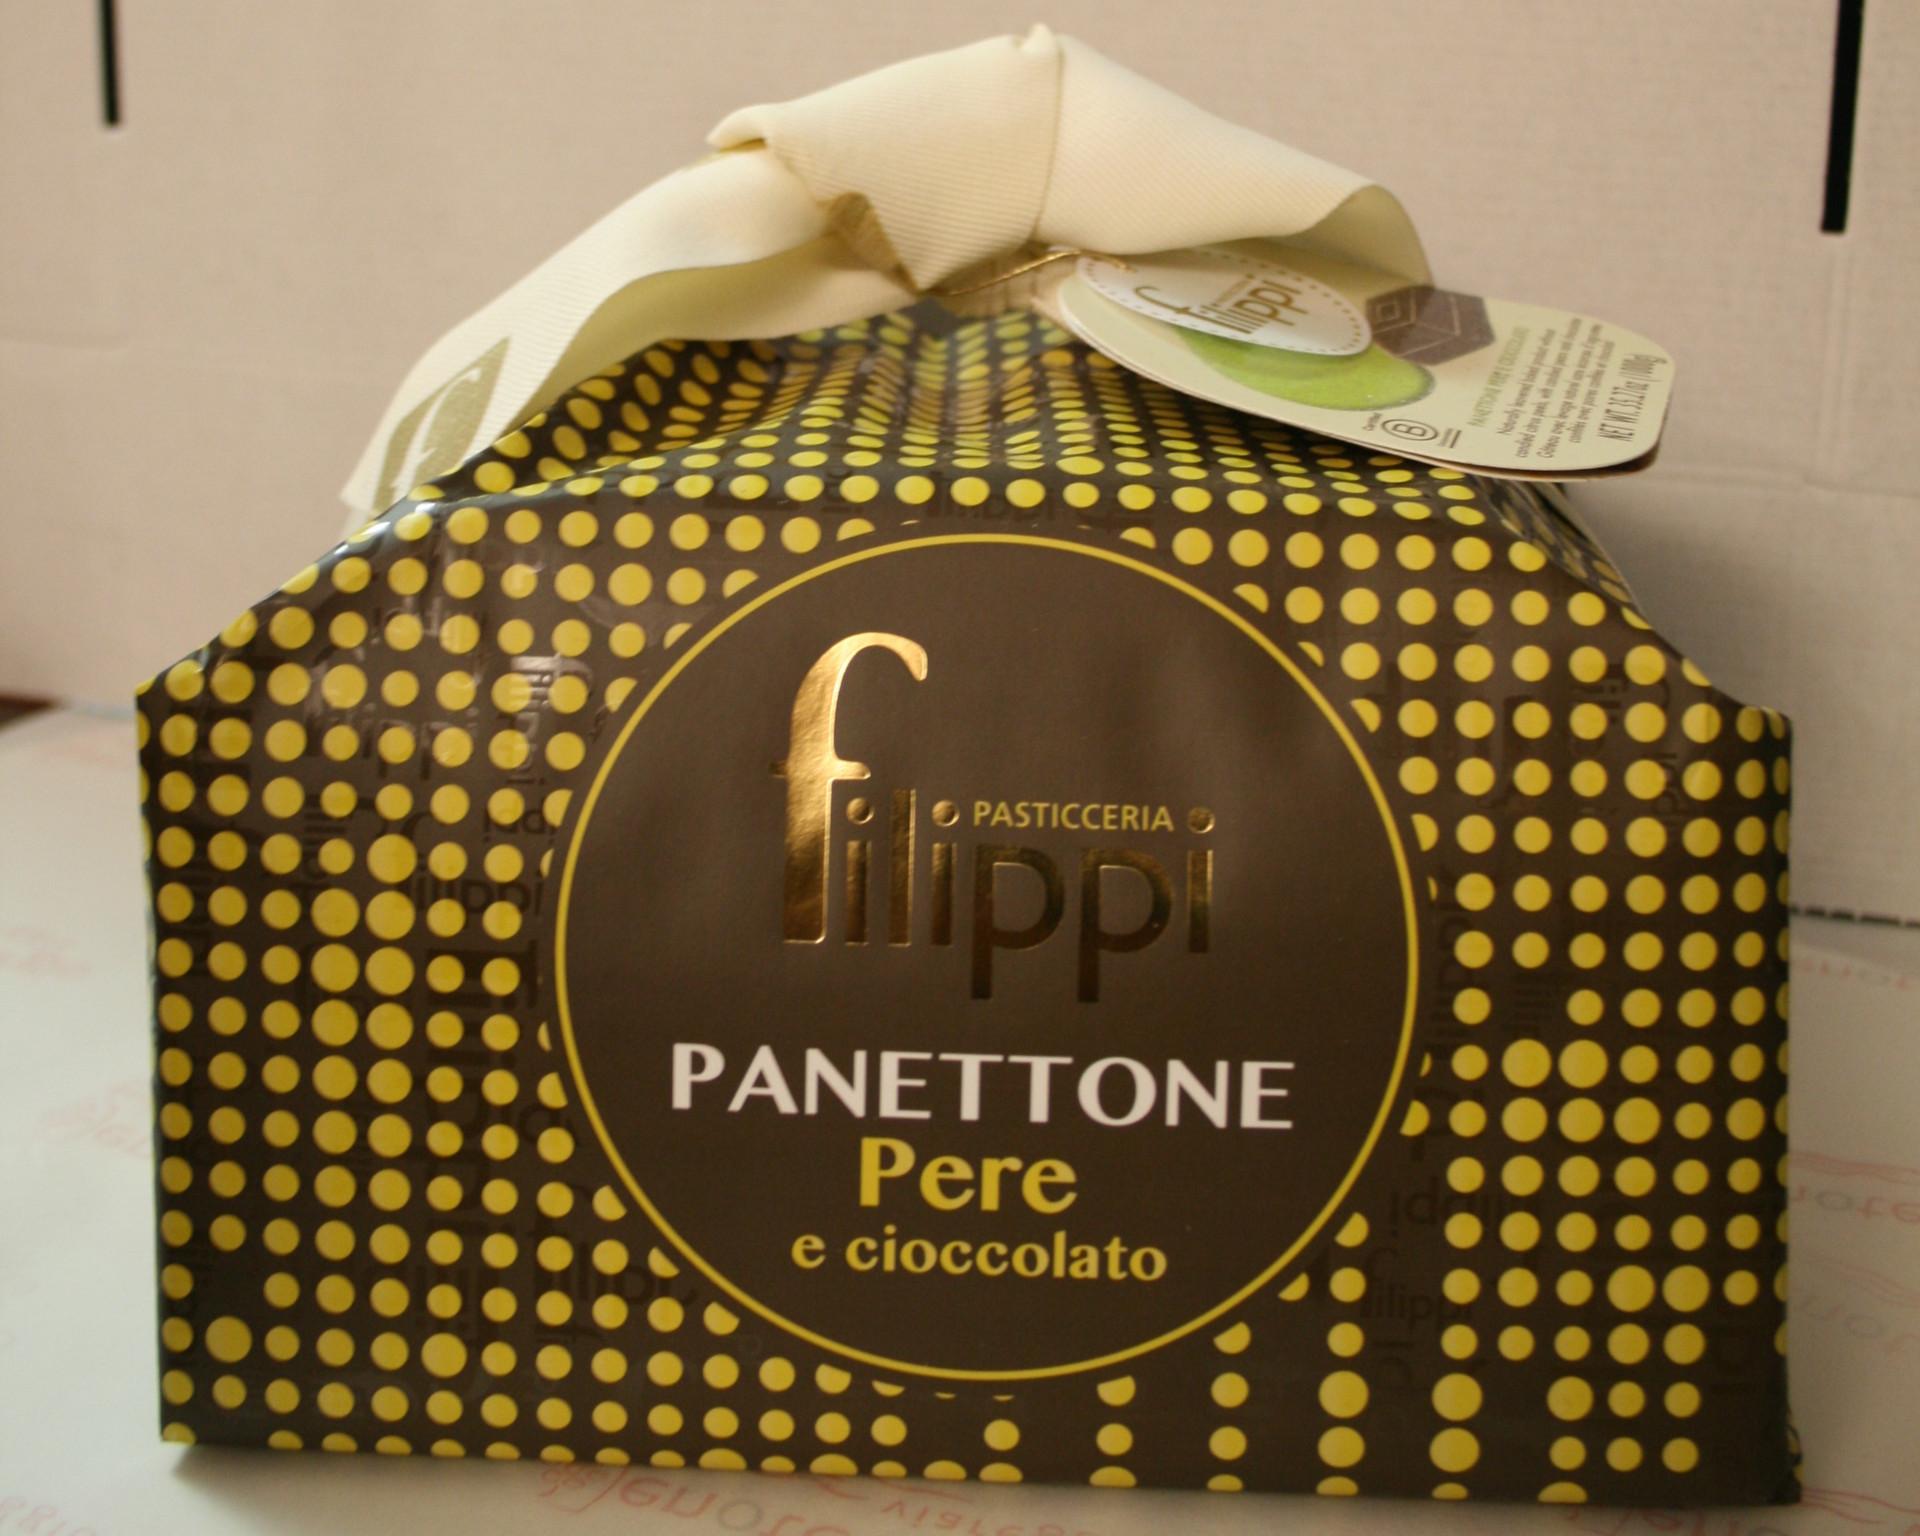 Panettone Cioccolato e Pere Pasticceria Filippi